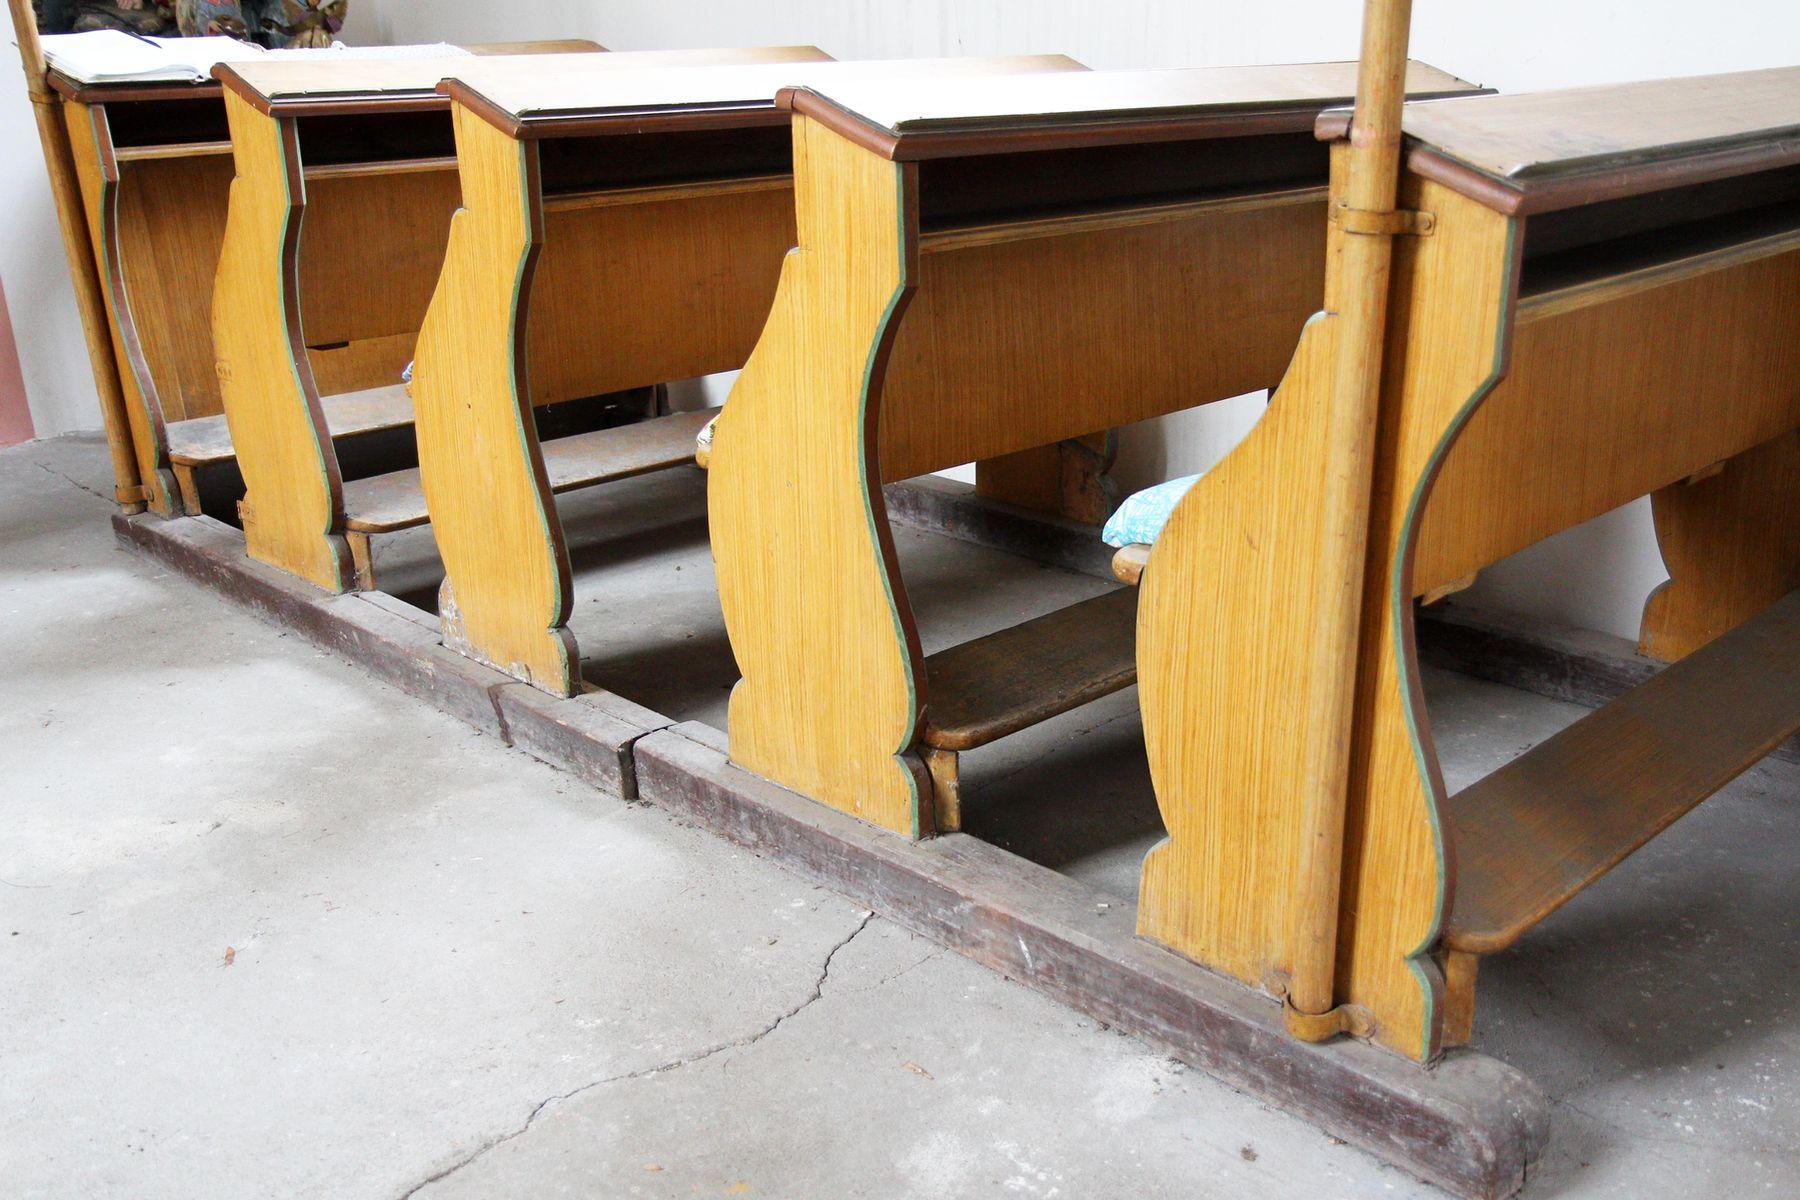 Restaurovali jsme kostelní lavice v kostele sv. Prokopa v Otvovicích - Restaurování kostelní lavice před restaurováním 03